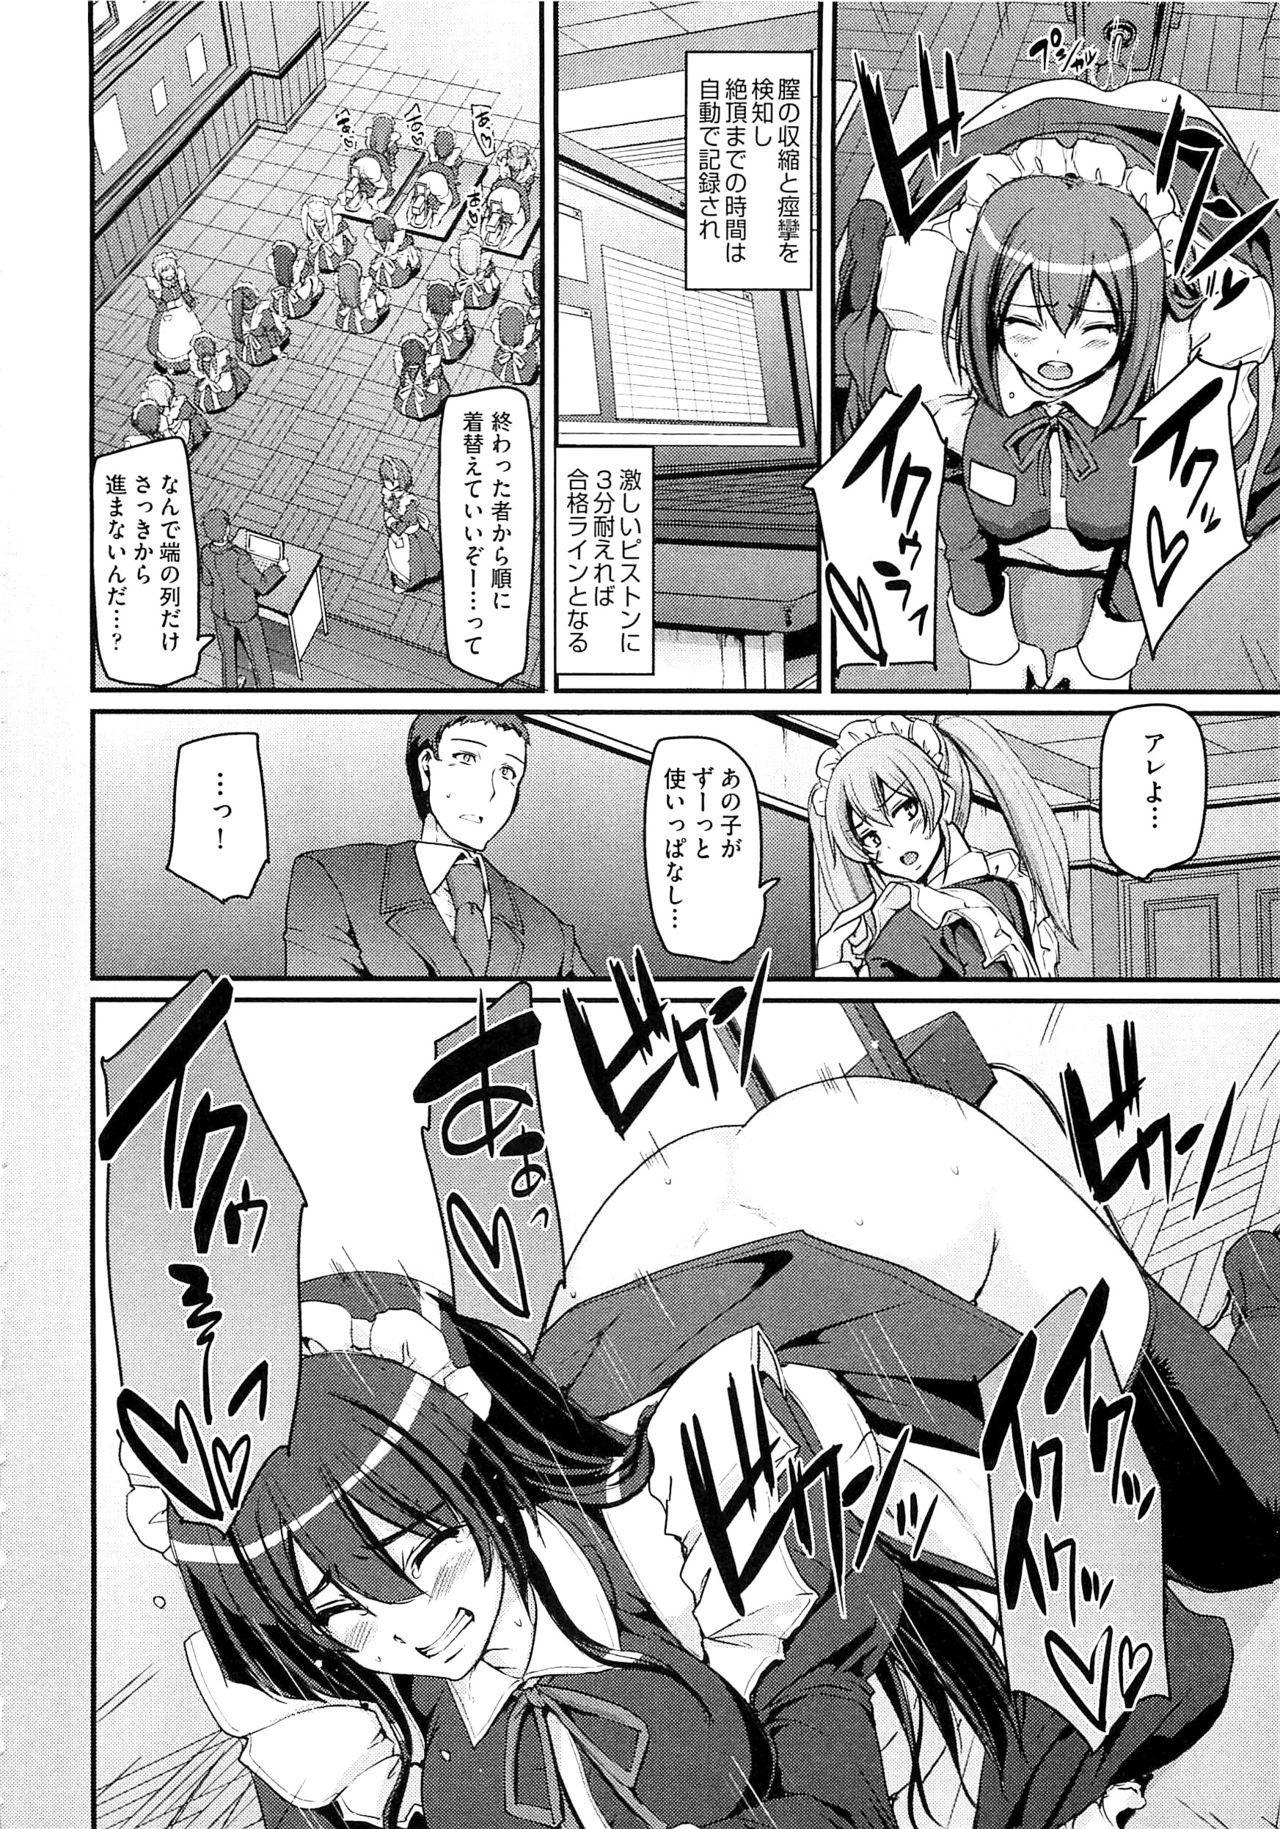 Maid Gakuen e Youkoso!! - Welcome to Maid Academy 79